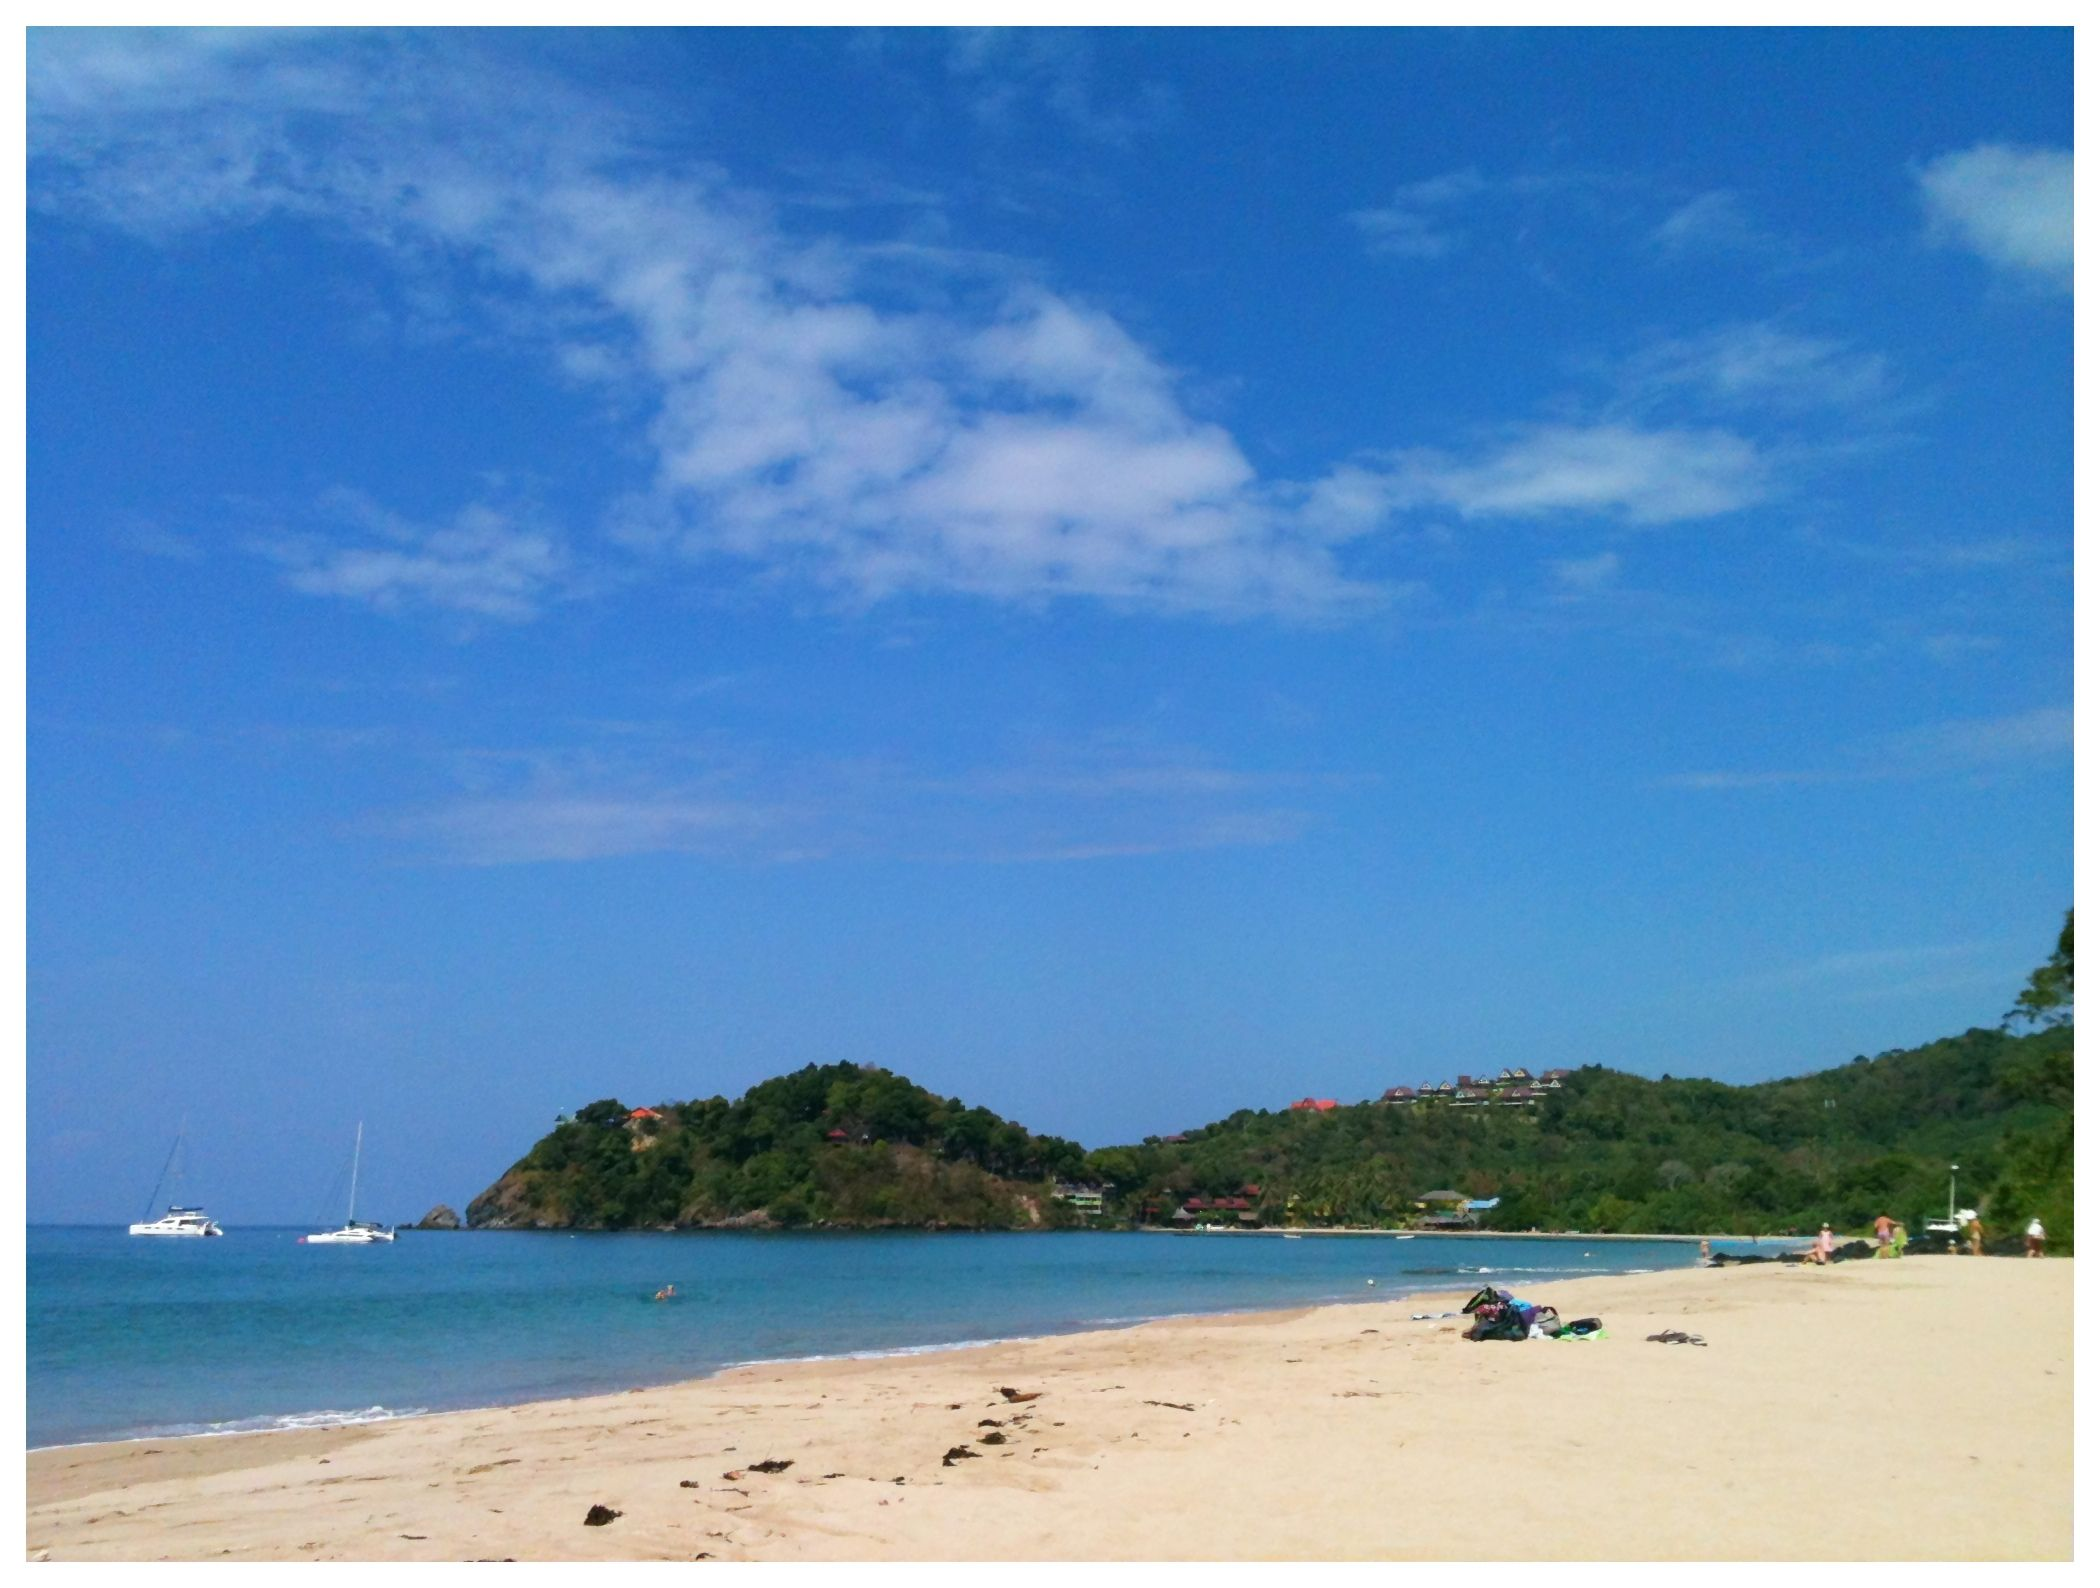 Duc me con so long beach - 1000 Images About Favorite Places On Pinterest Kos Vietnam And Saigon Vietnam